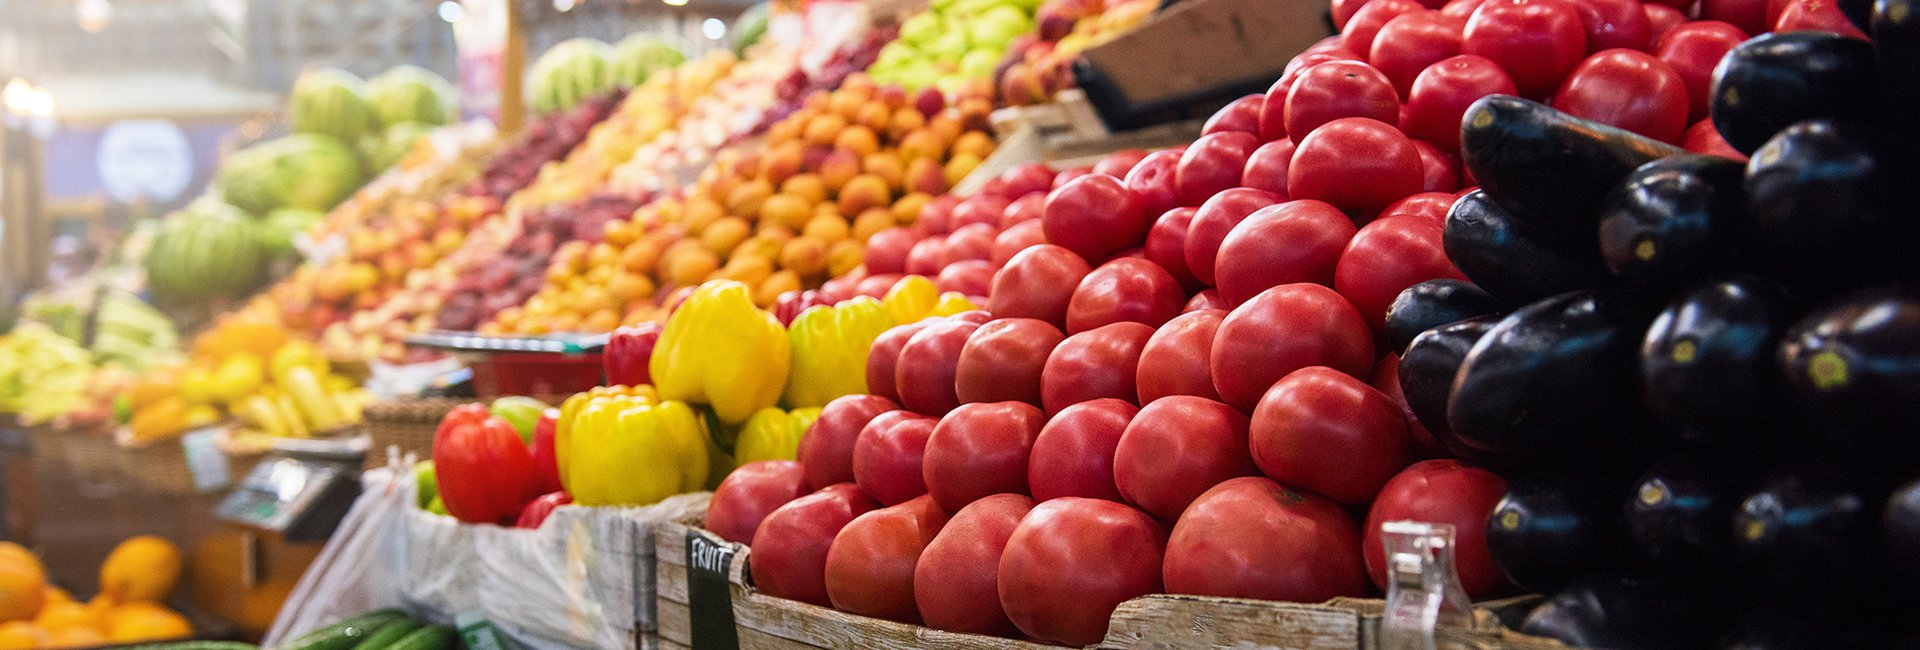 Top 7 khu chợ bán buôn ở Quảng Châu, Trung Quốc